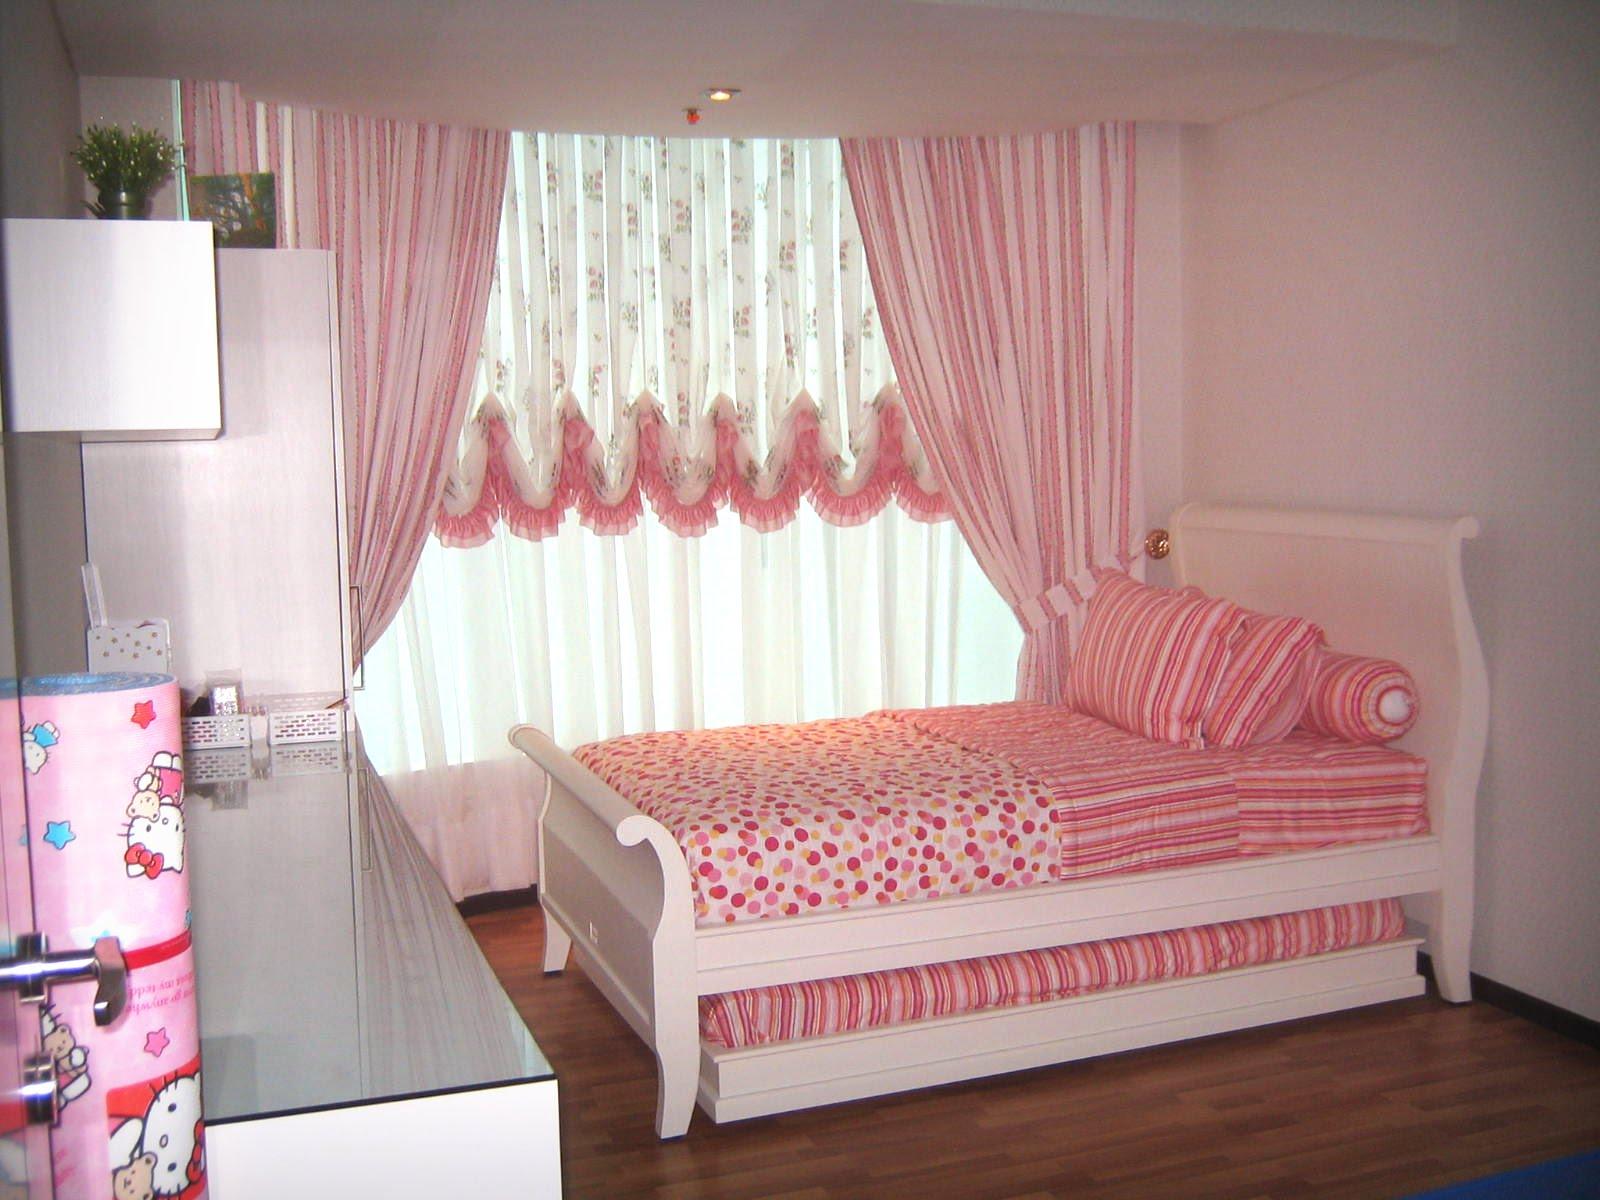 62 Desain Kamar Tidur Anak Perempuan Sederhana Yang Nampak Cantik